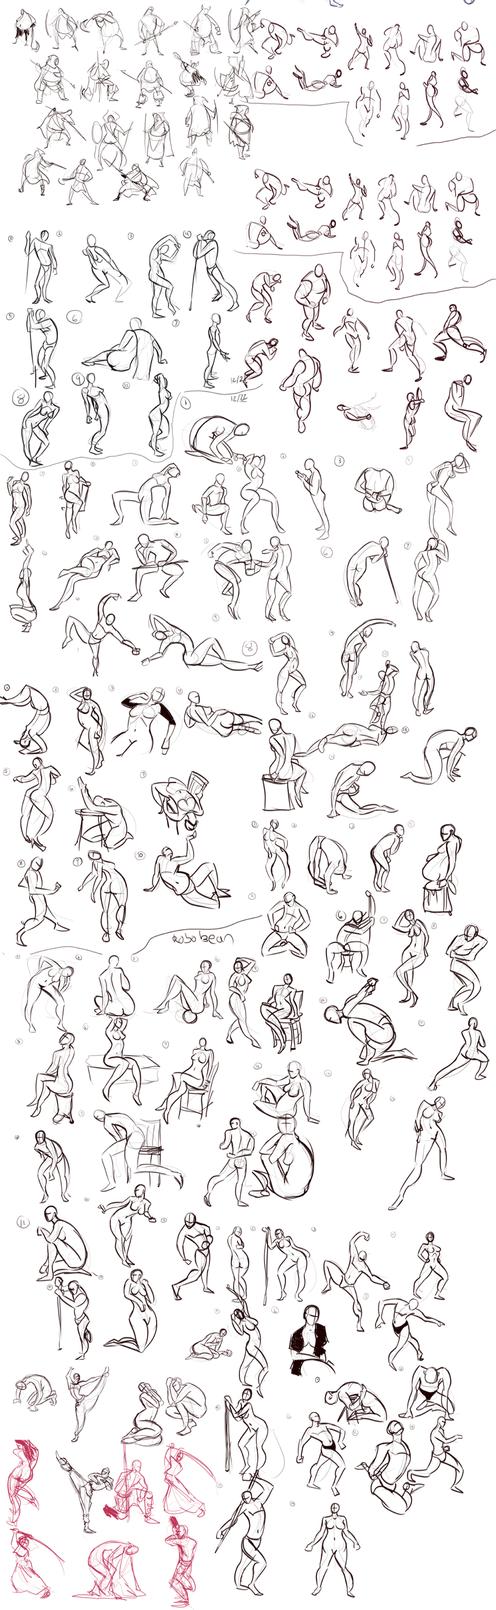 Gesture Sketchdump 2 by Ric-M